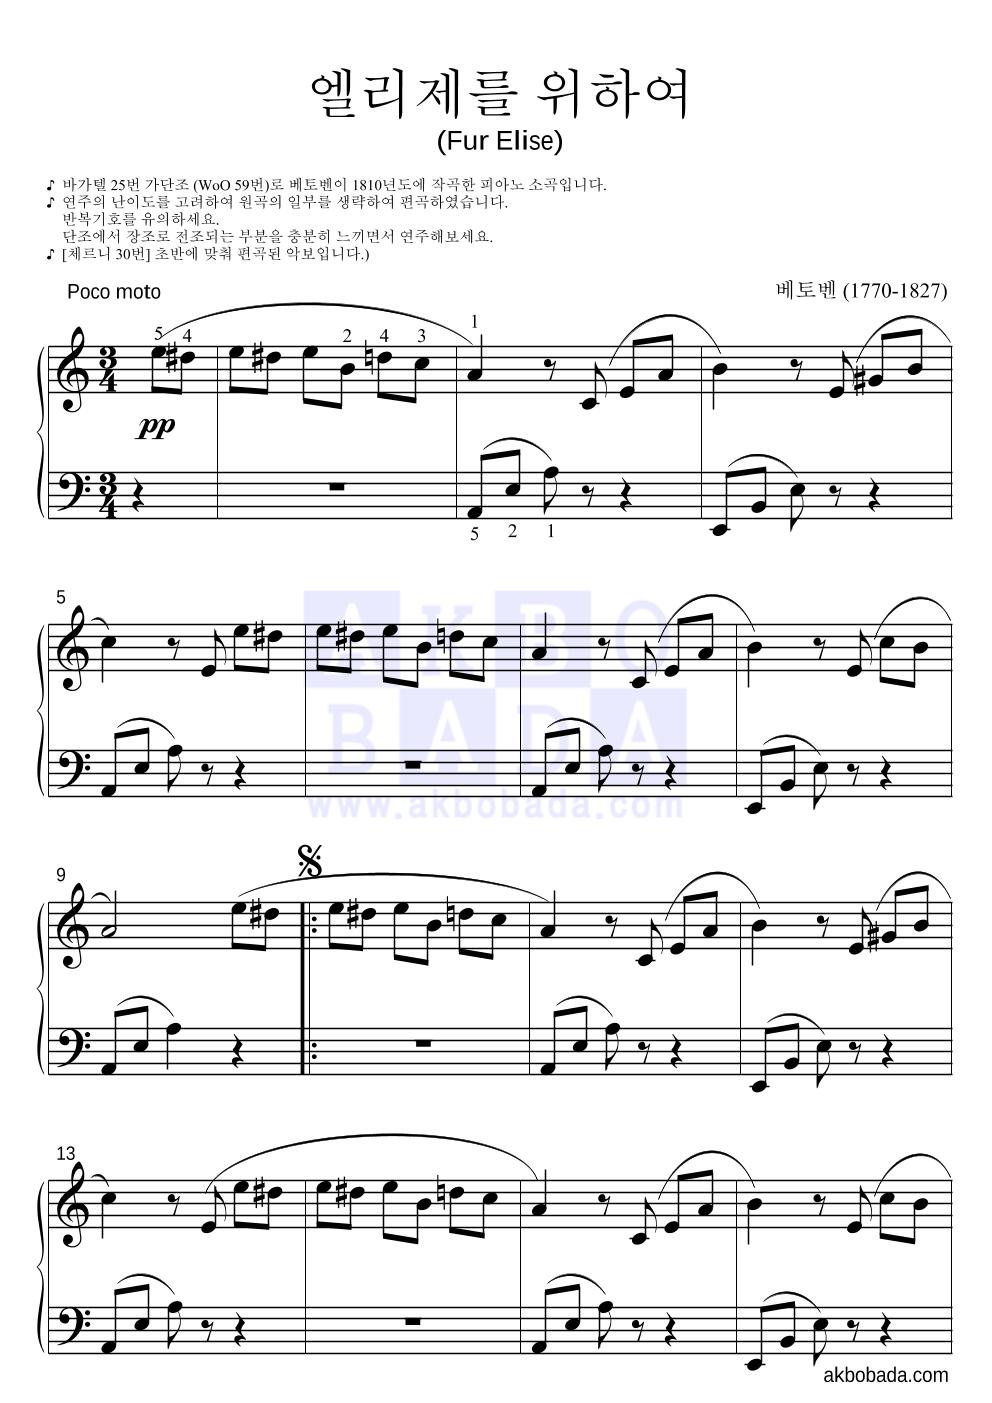 베토벤 - 엘리제를 위하여 피아노2단-쉬워요 악보